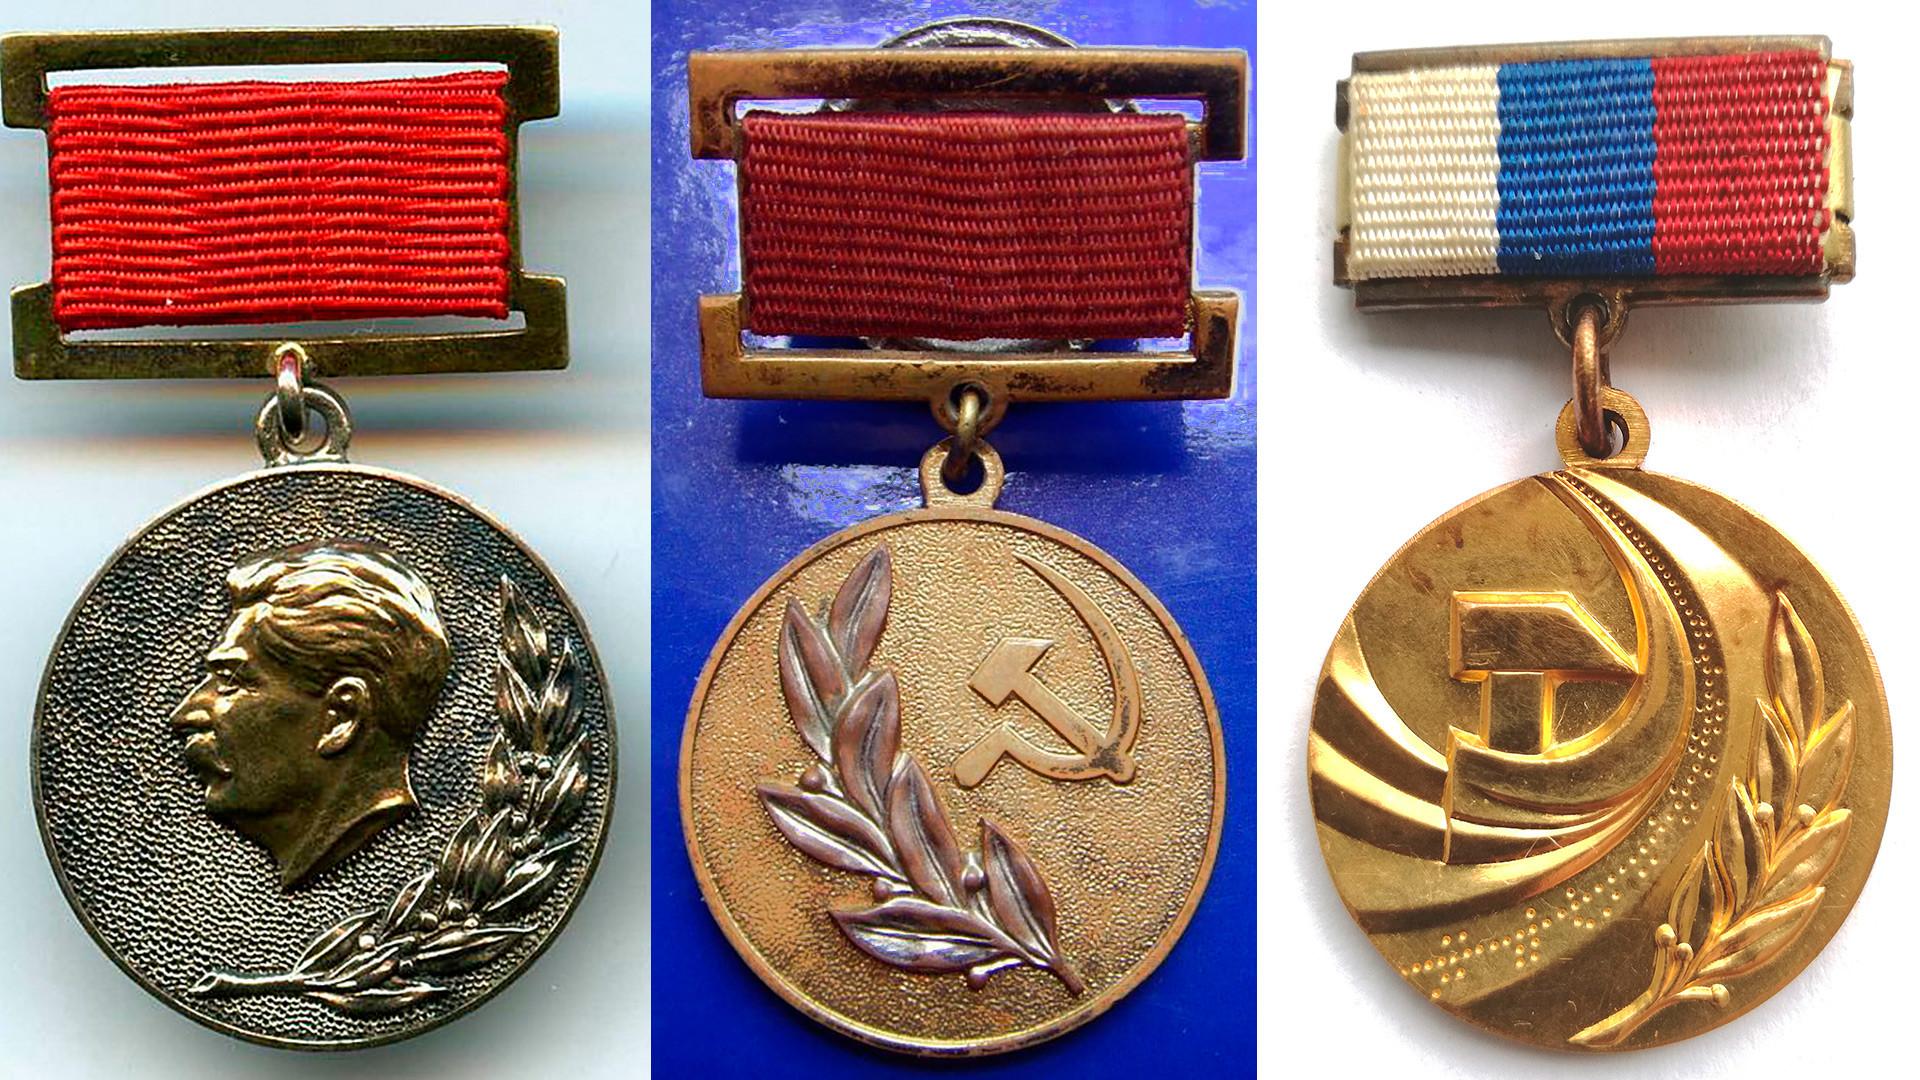 国家賞(「スターリン賞」(スターリン国家賞)、「ソビエト連邦国家賞」、「ロシア連邦国家賞」)